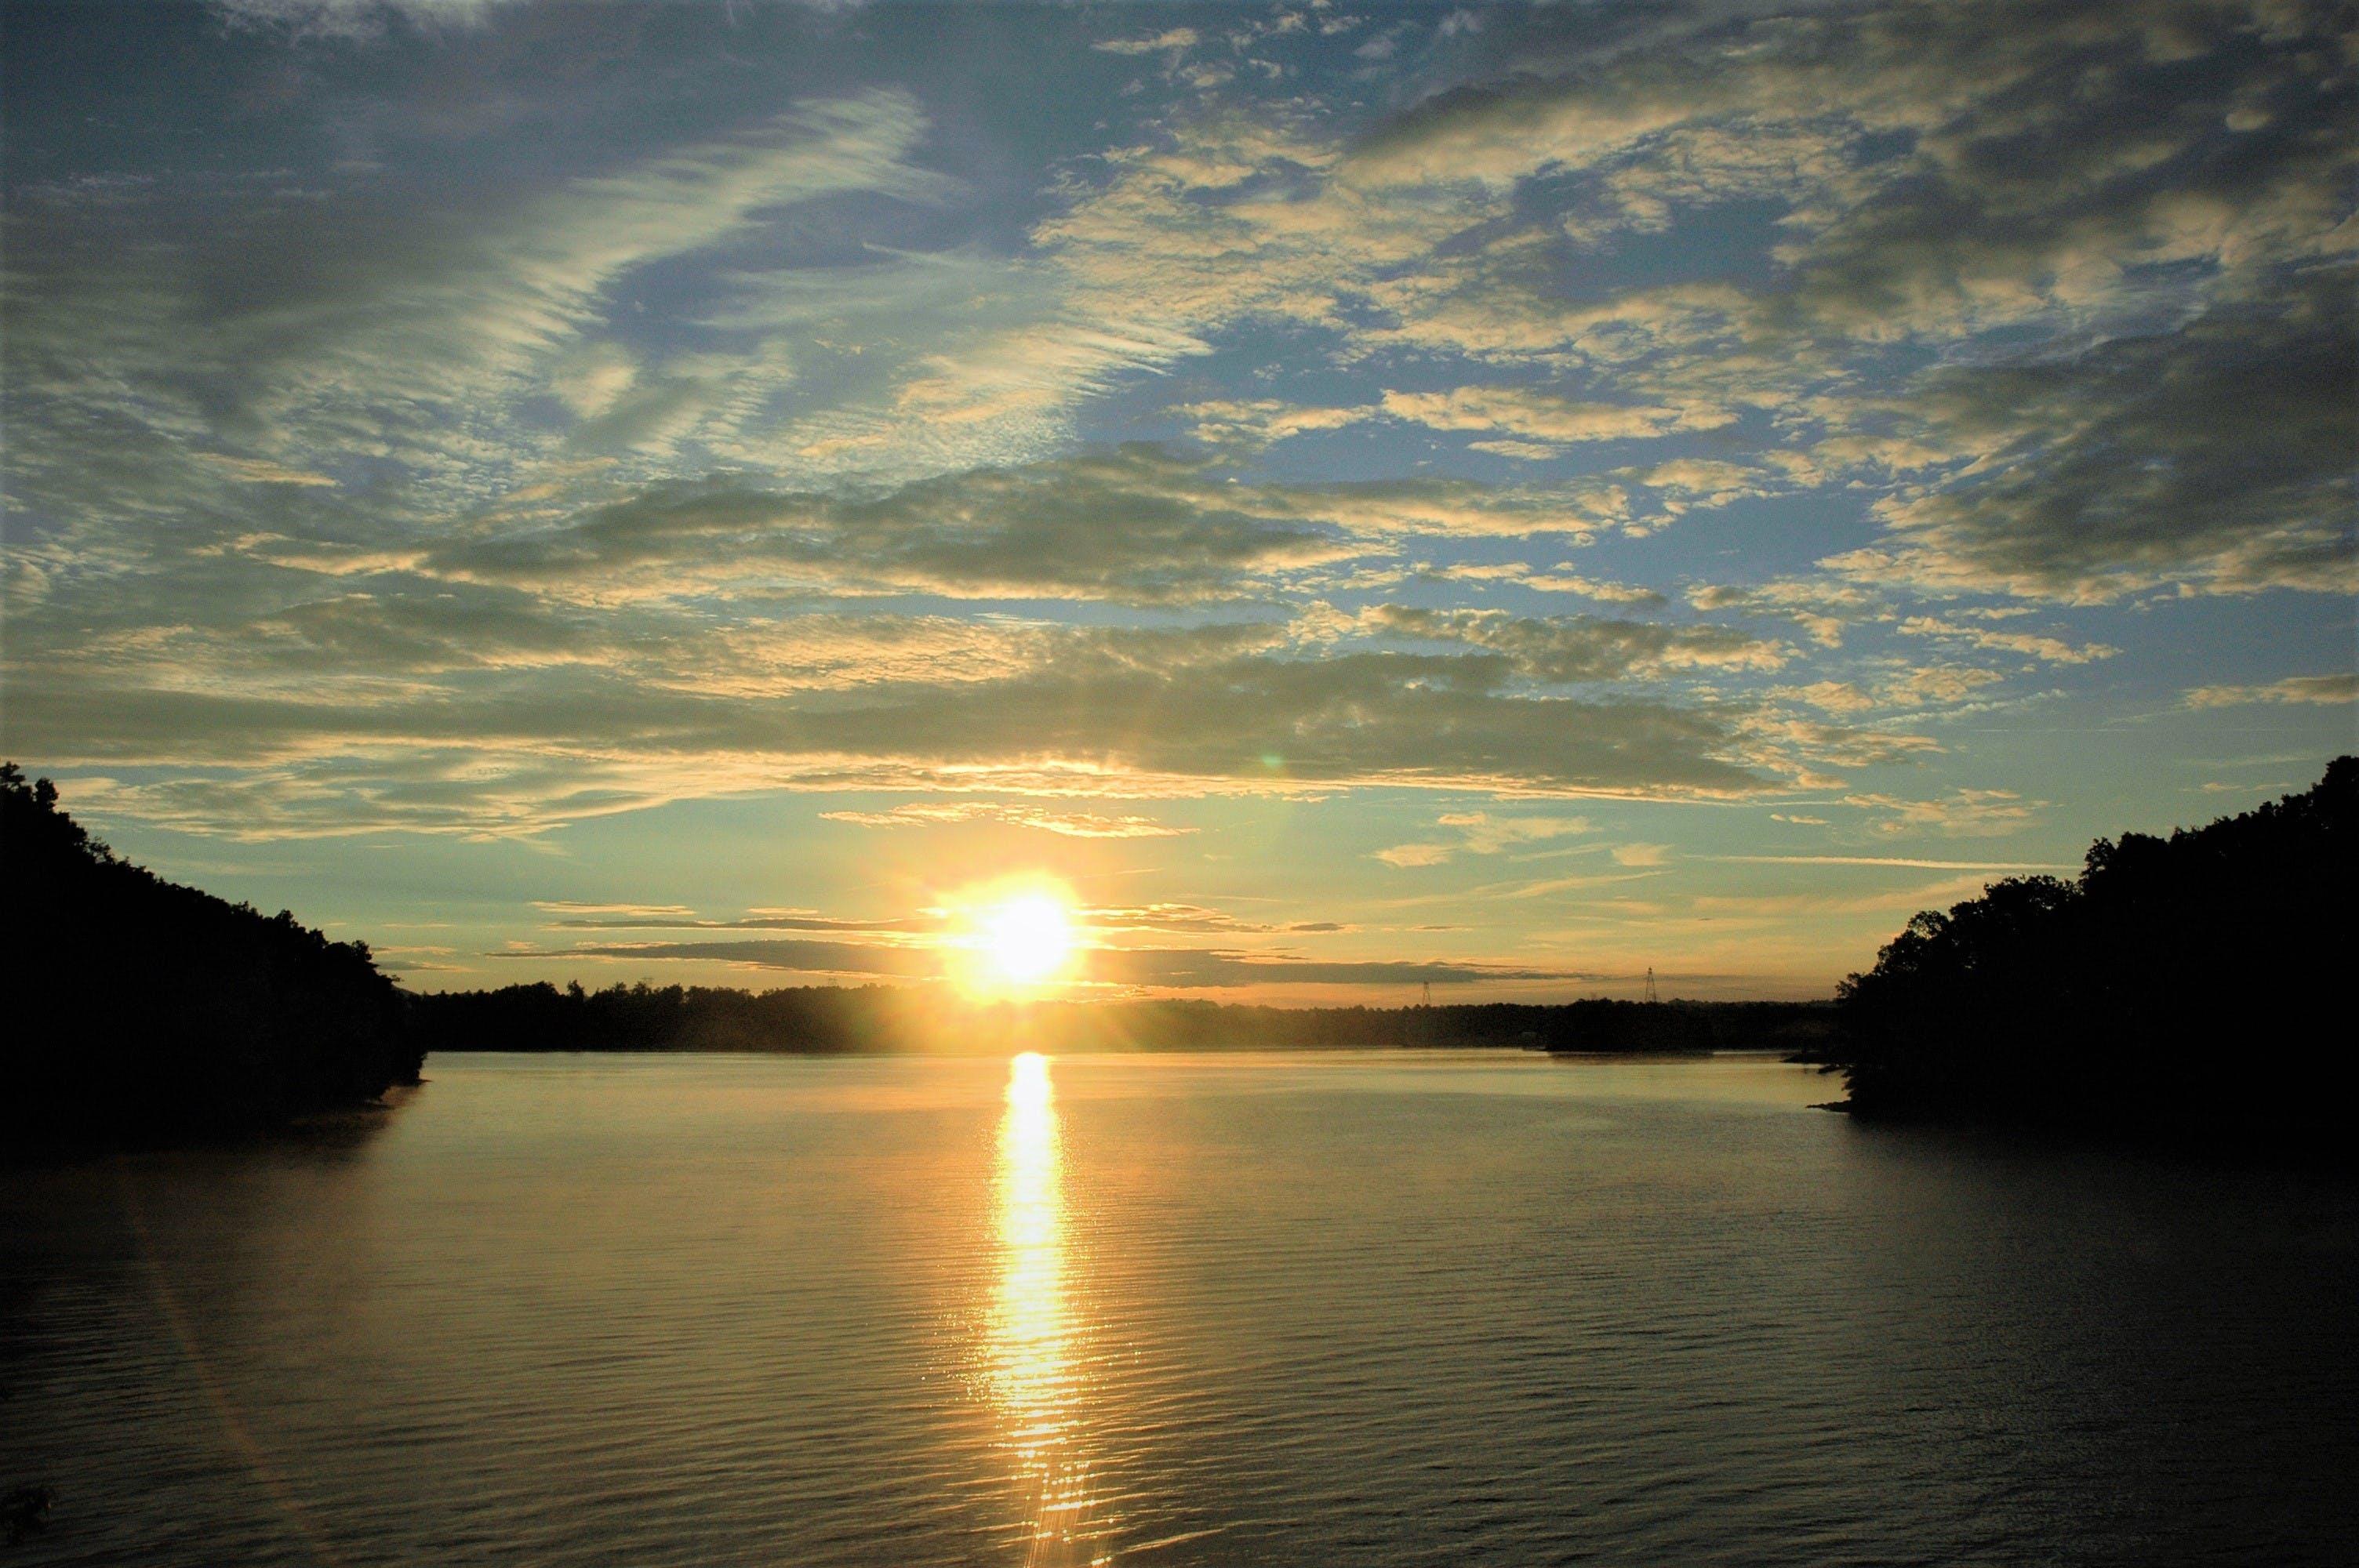 Free stock photo of lake, sunrise, sunrise over lake